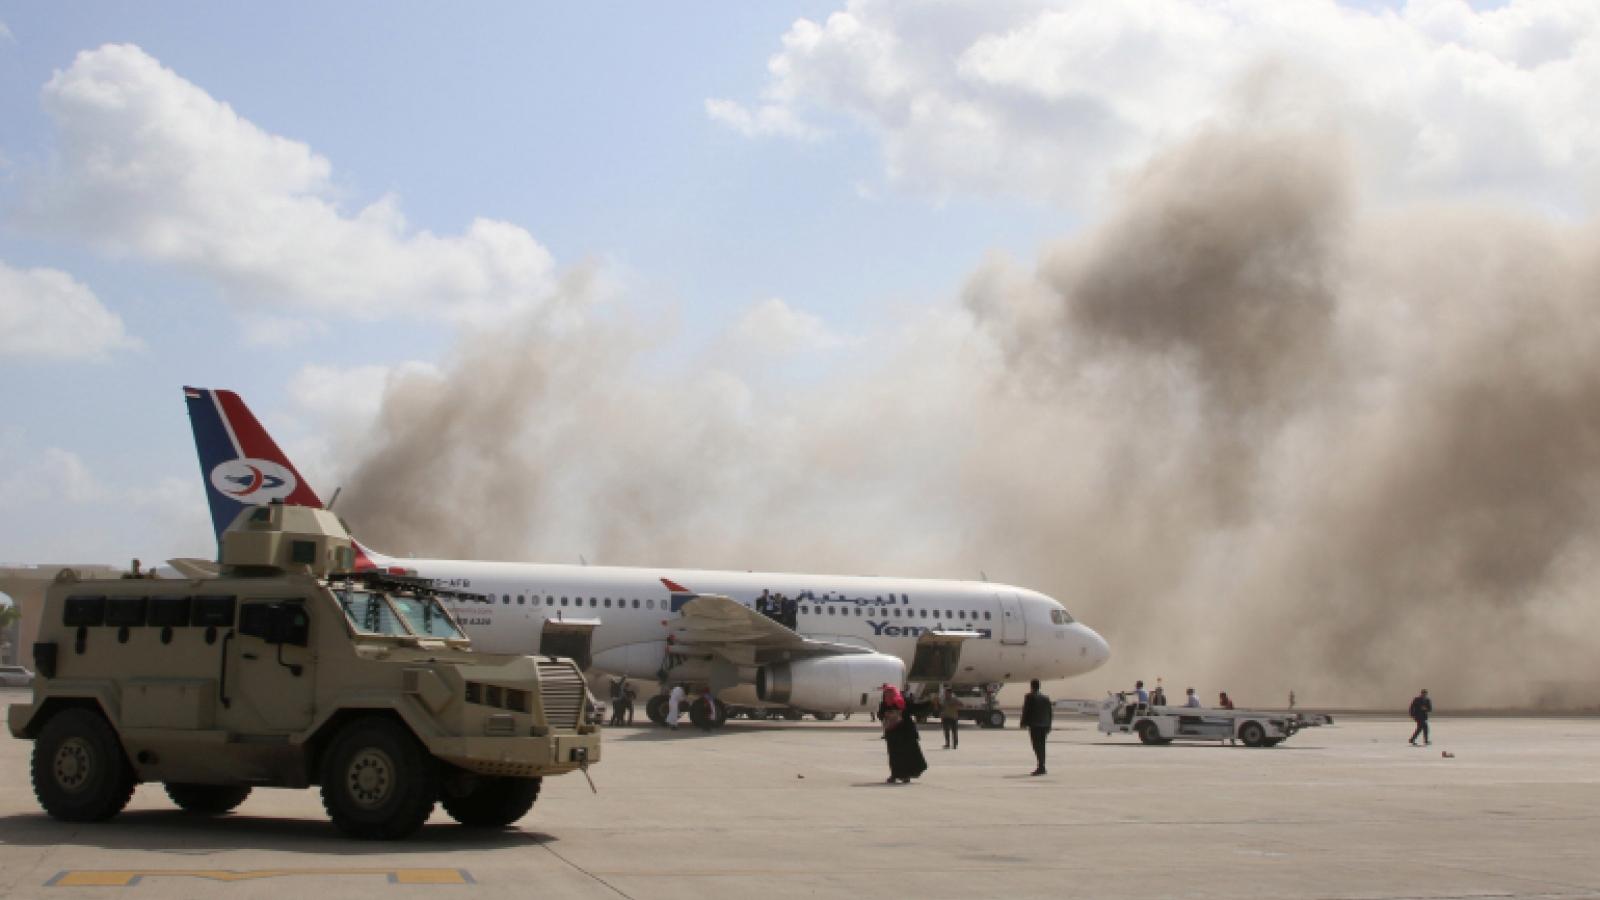 Sân bay Yemen rung chuyển vì vụ nổ, ít nhất 12 người thiệt mạng